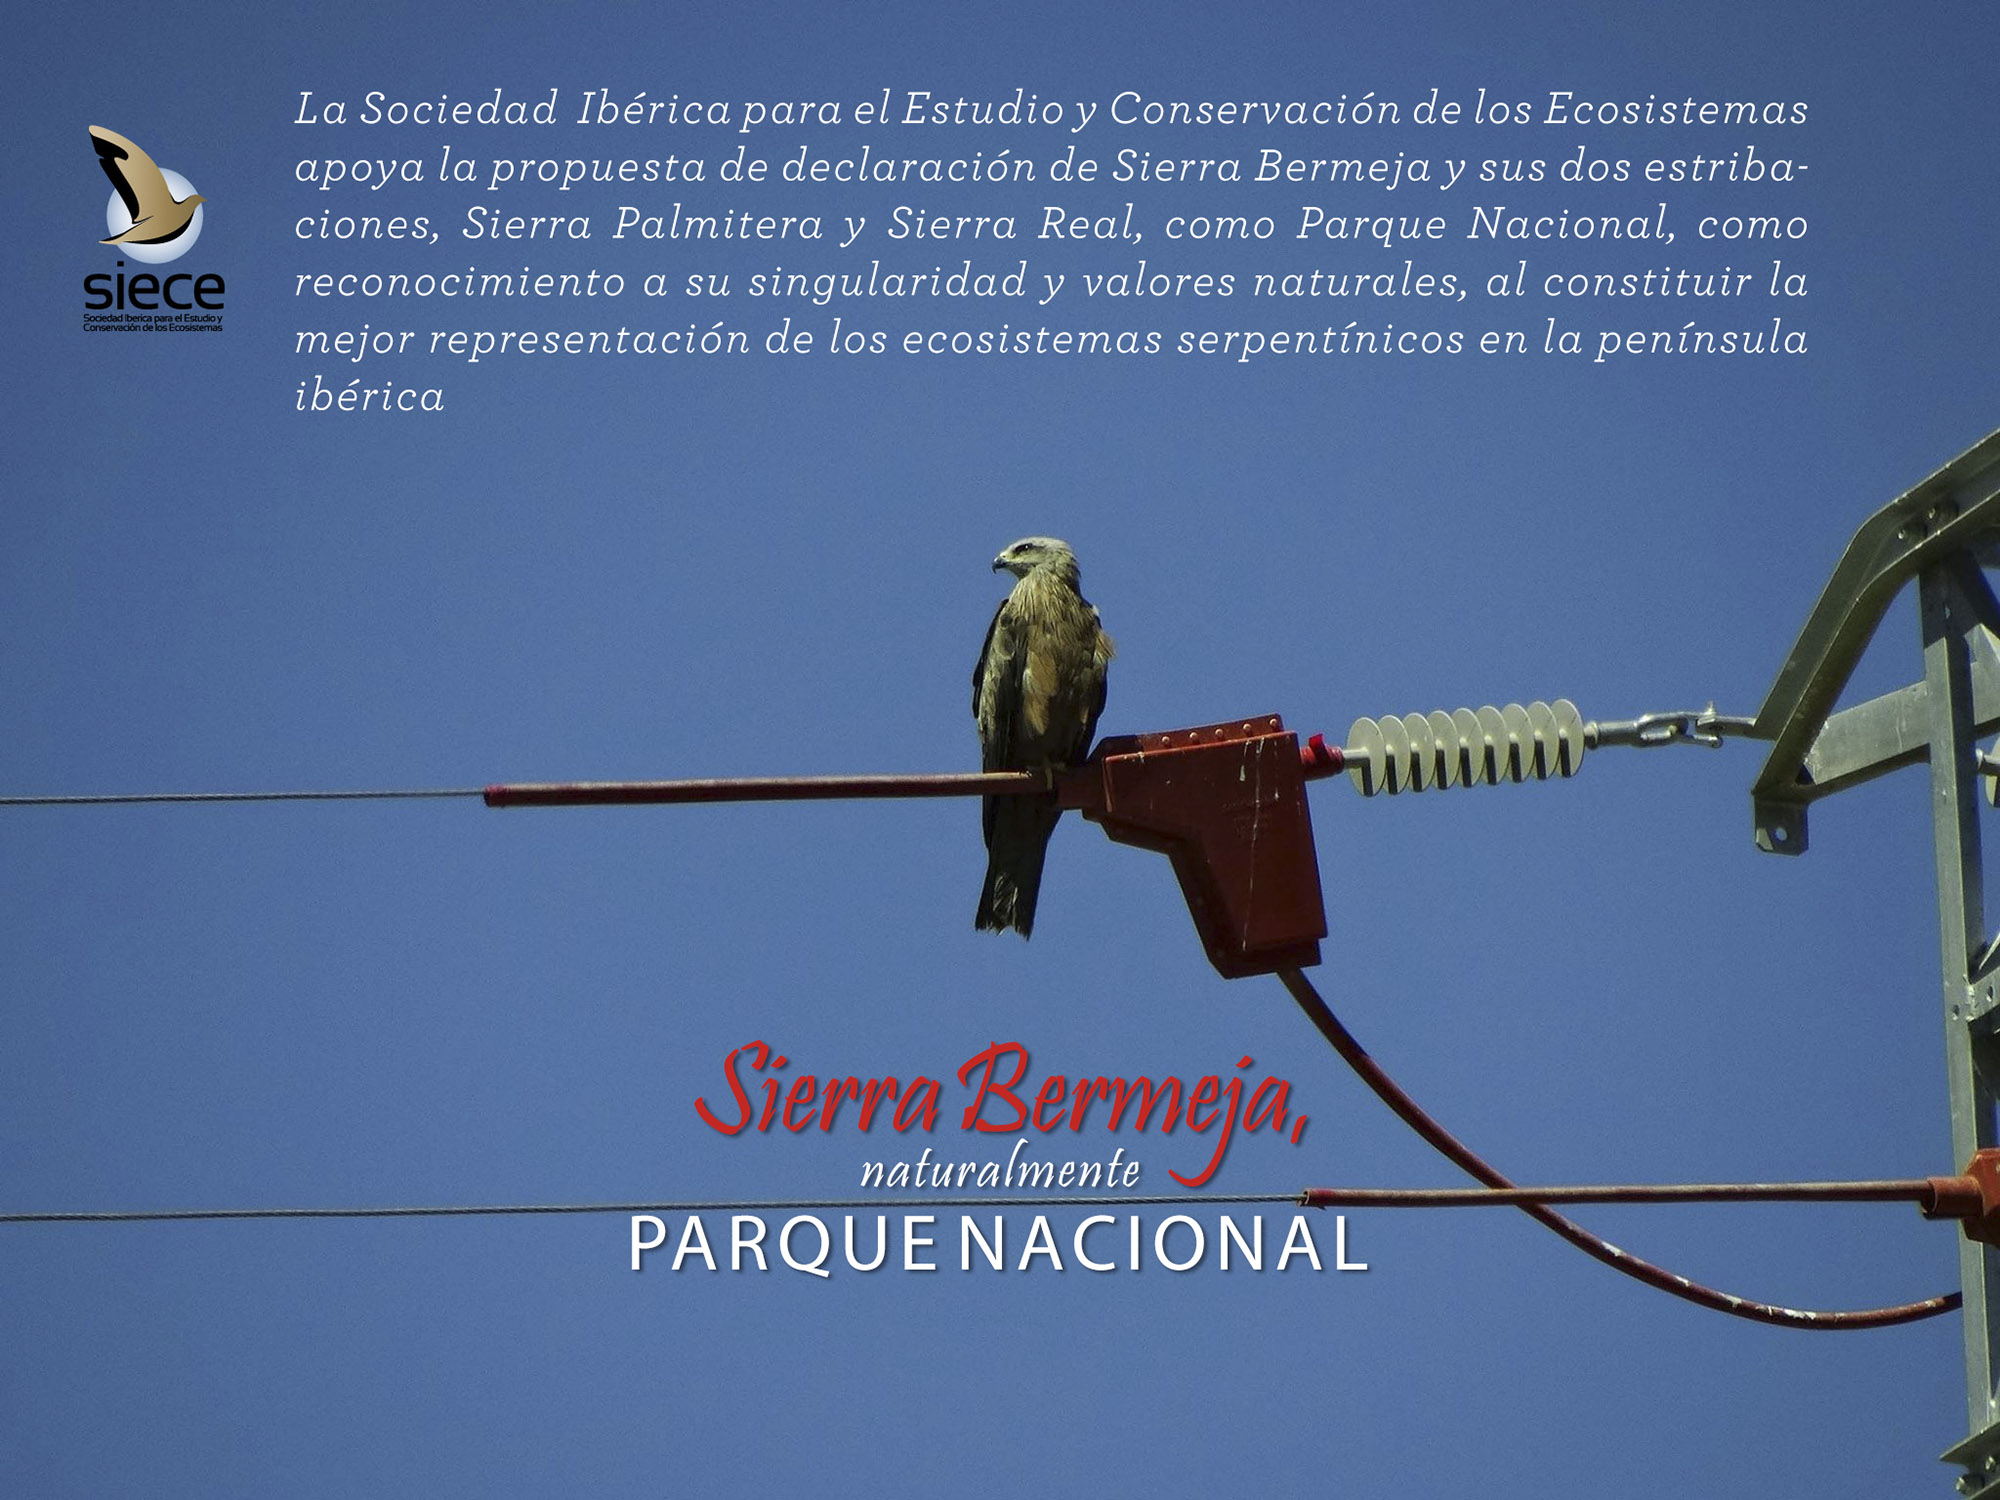 Sociedad Ibérica para el Estudio y Conservación de los Ecosistemas (SIECE)